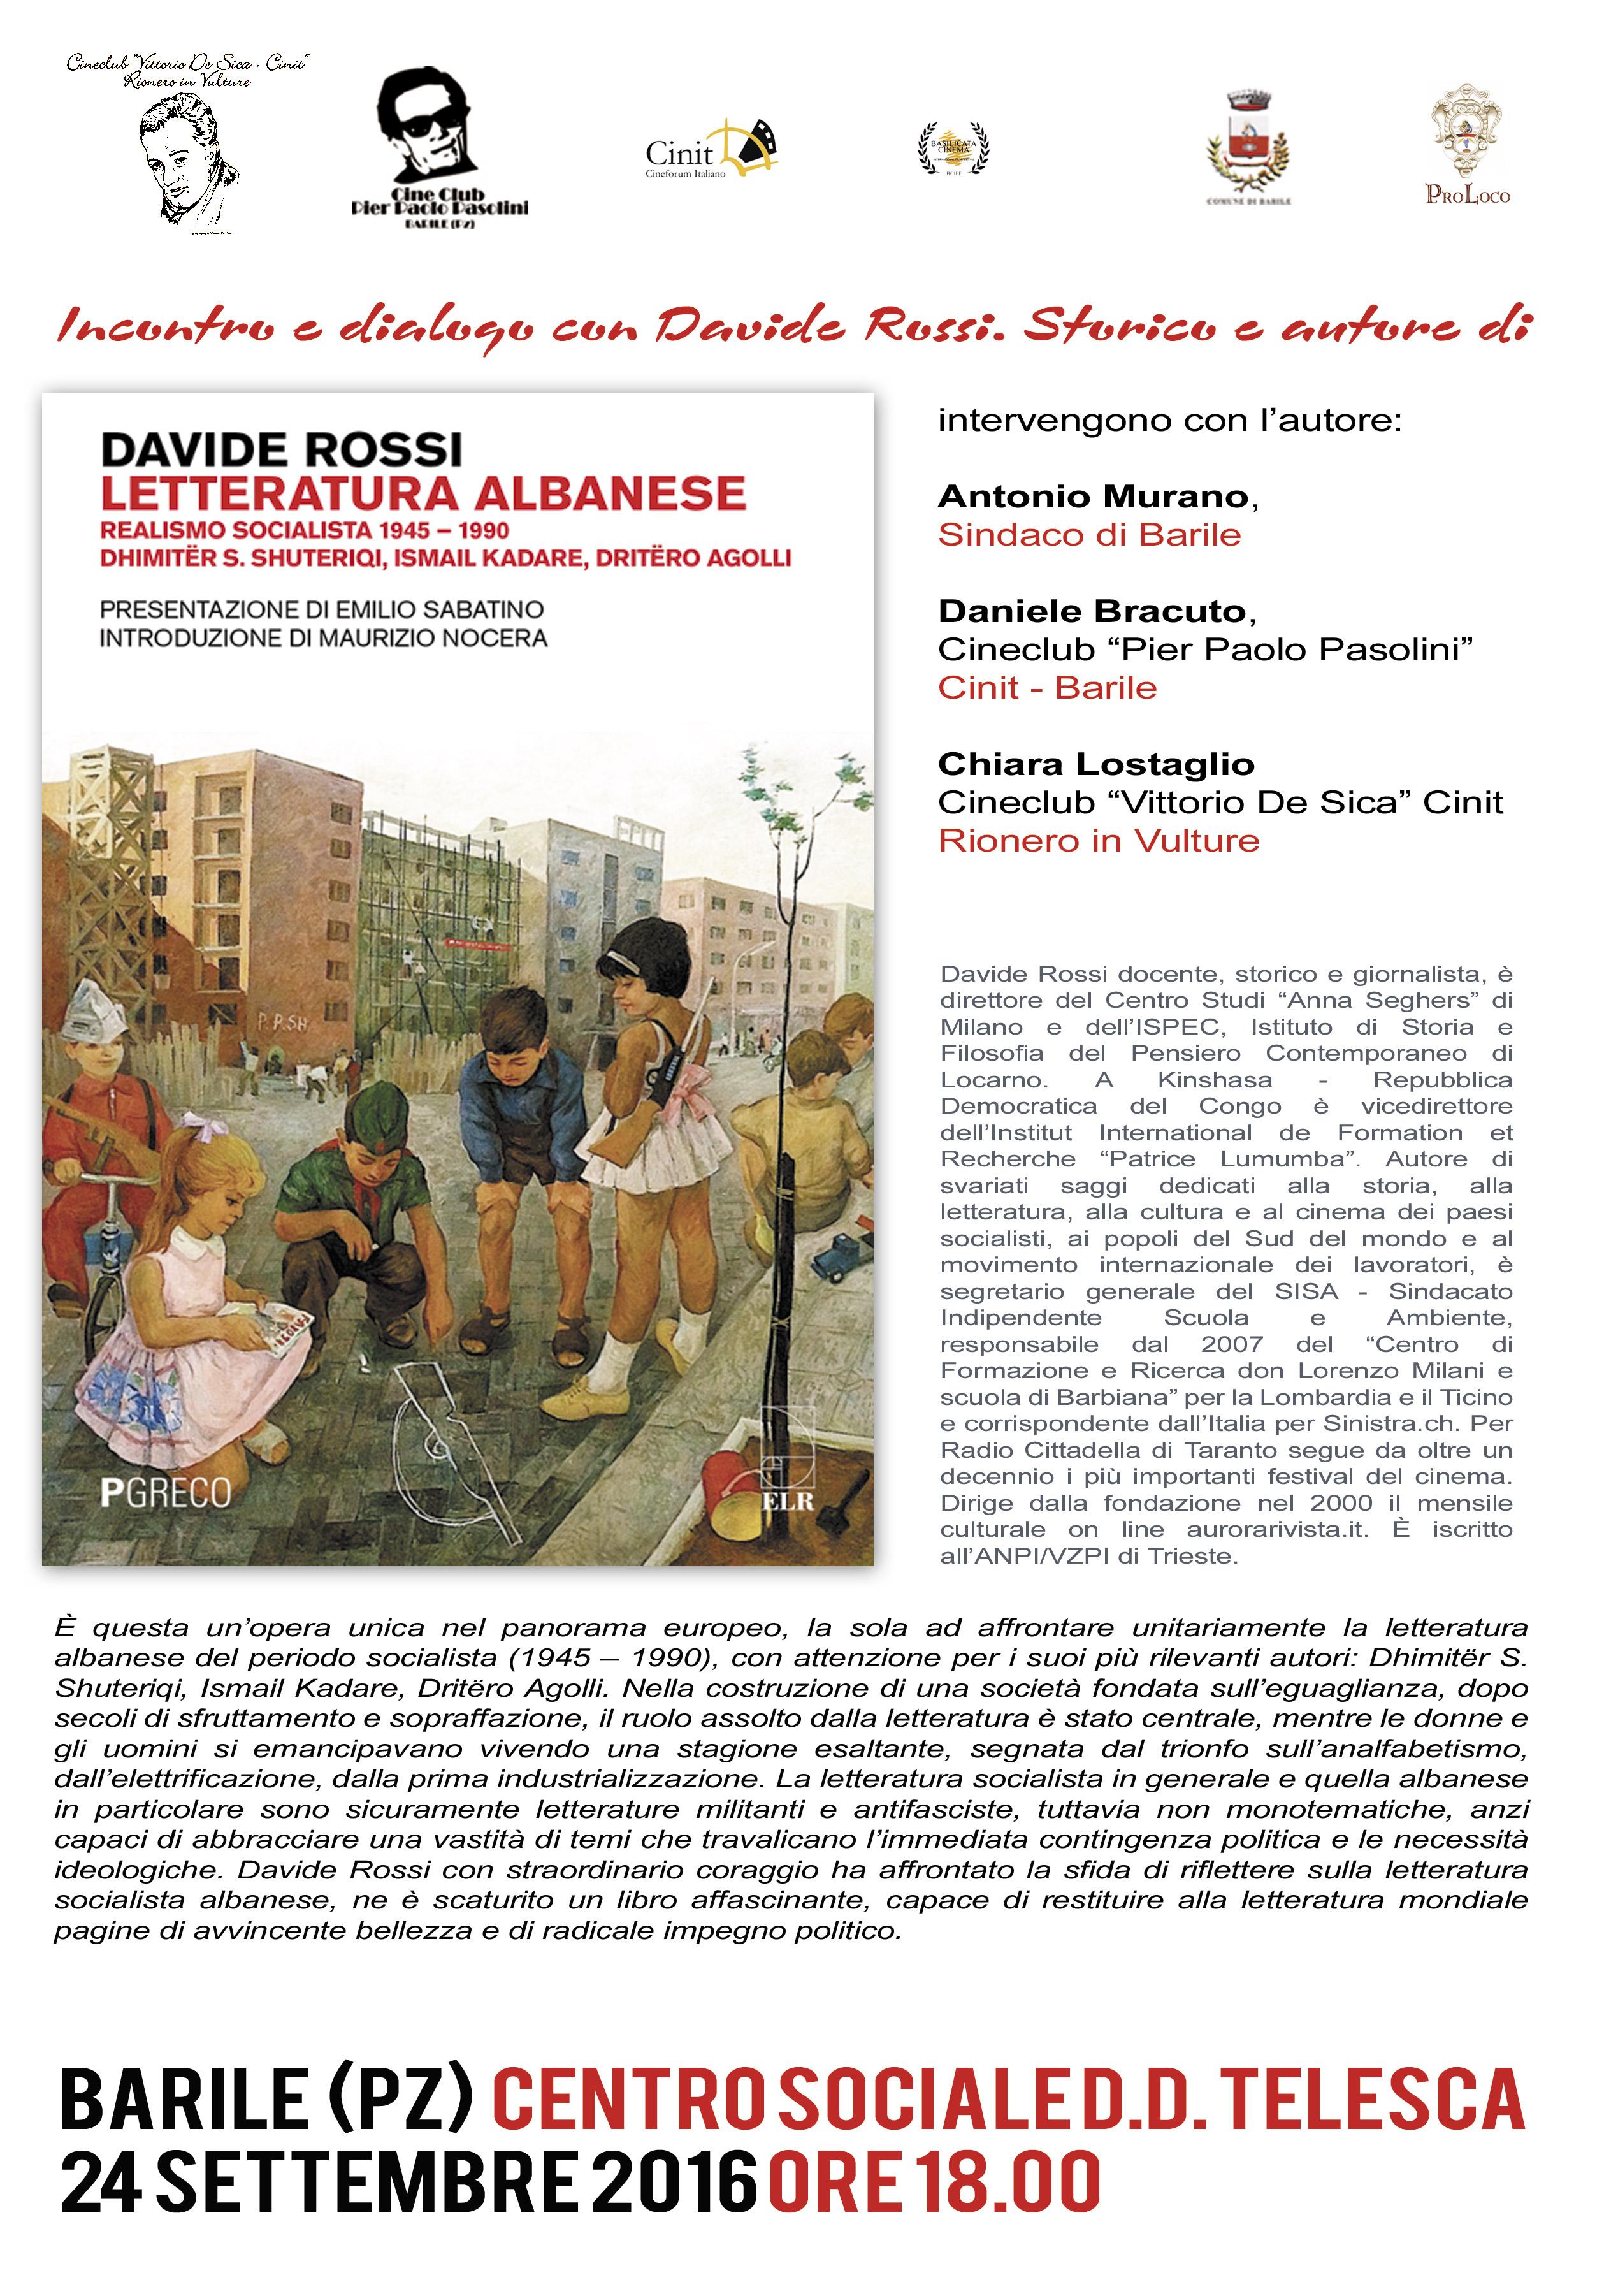 Locandina e nota editoriale del libro del critico Davide Rossi